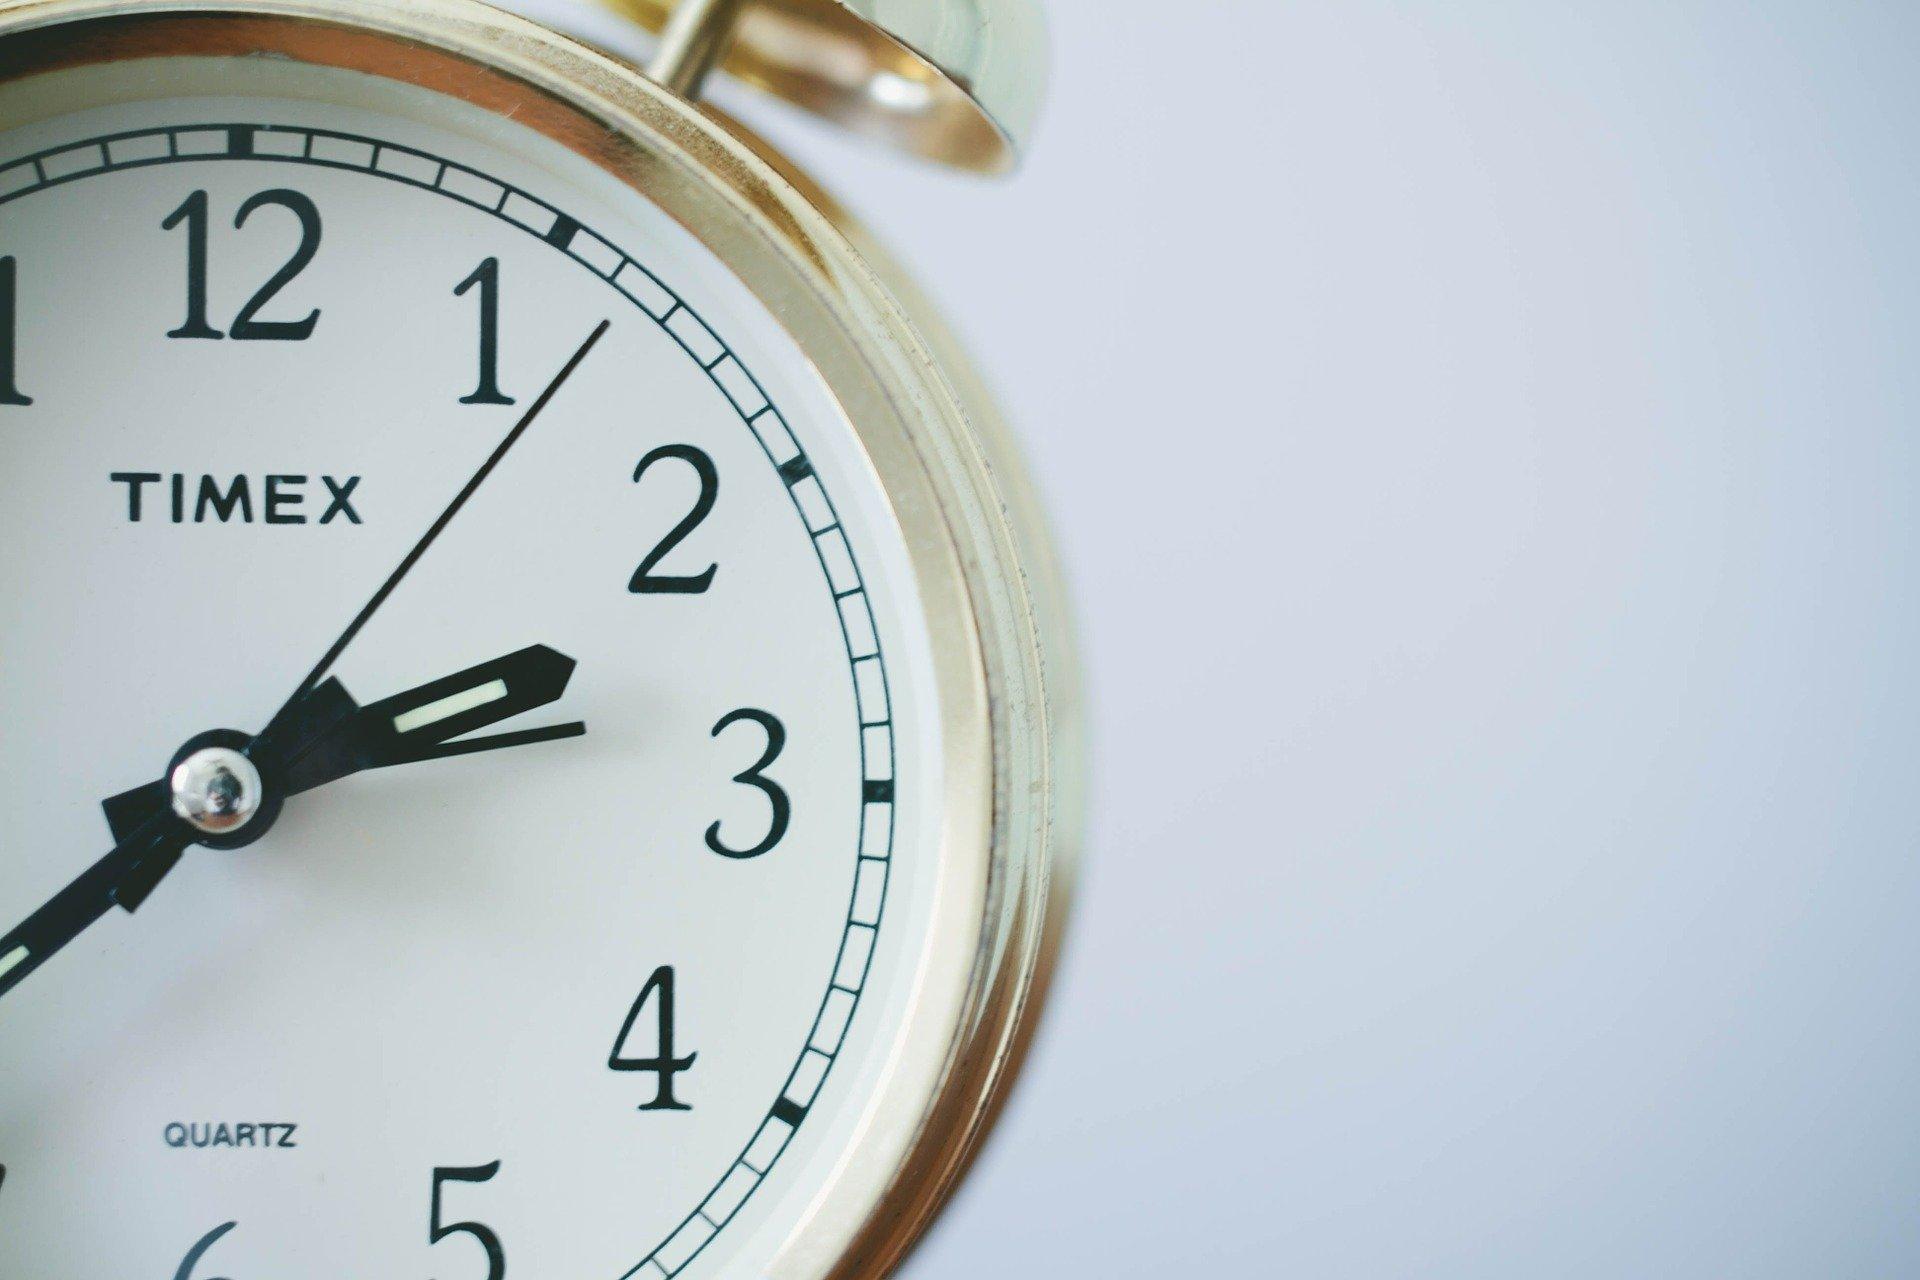 絶対起きれる最強の目覚まし時計おすすめランキング10選